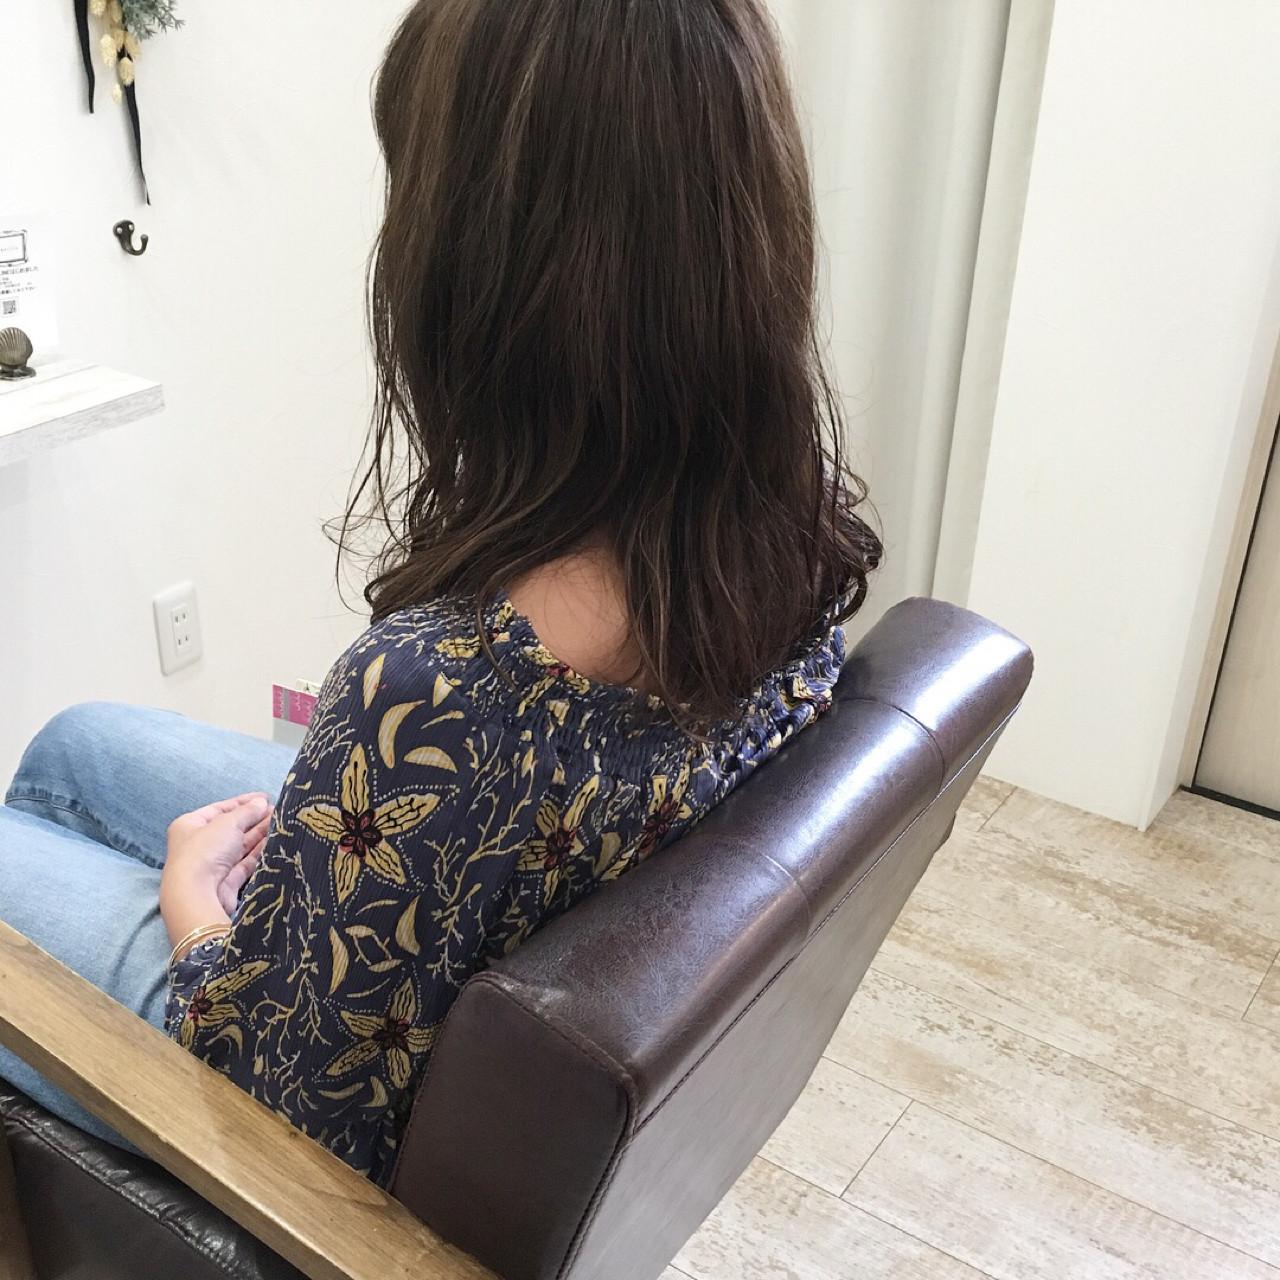 ナチュラル アッシュ ミディアム 透明感 ヘアスタイルや髪型の写真・画像 | 原田あゆみ / coquille/コキーユ